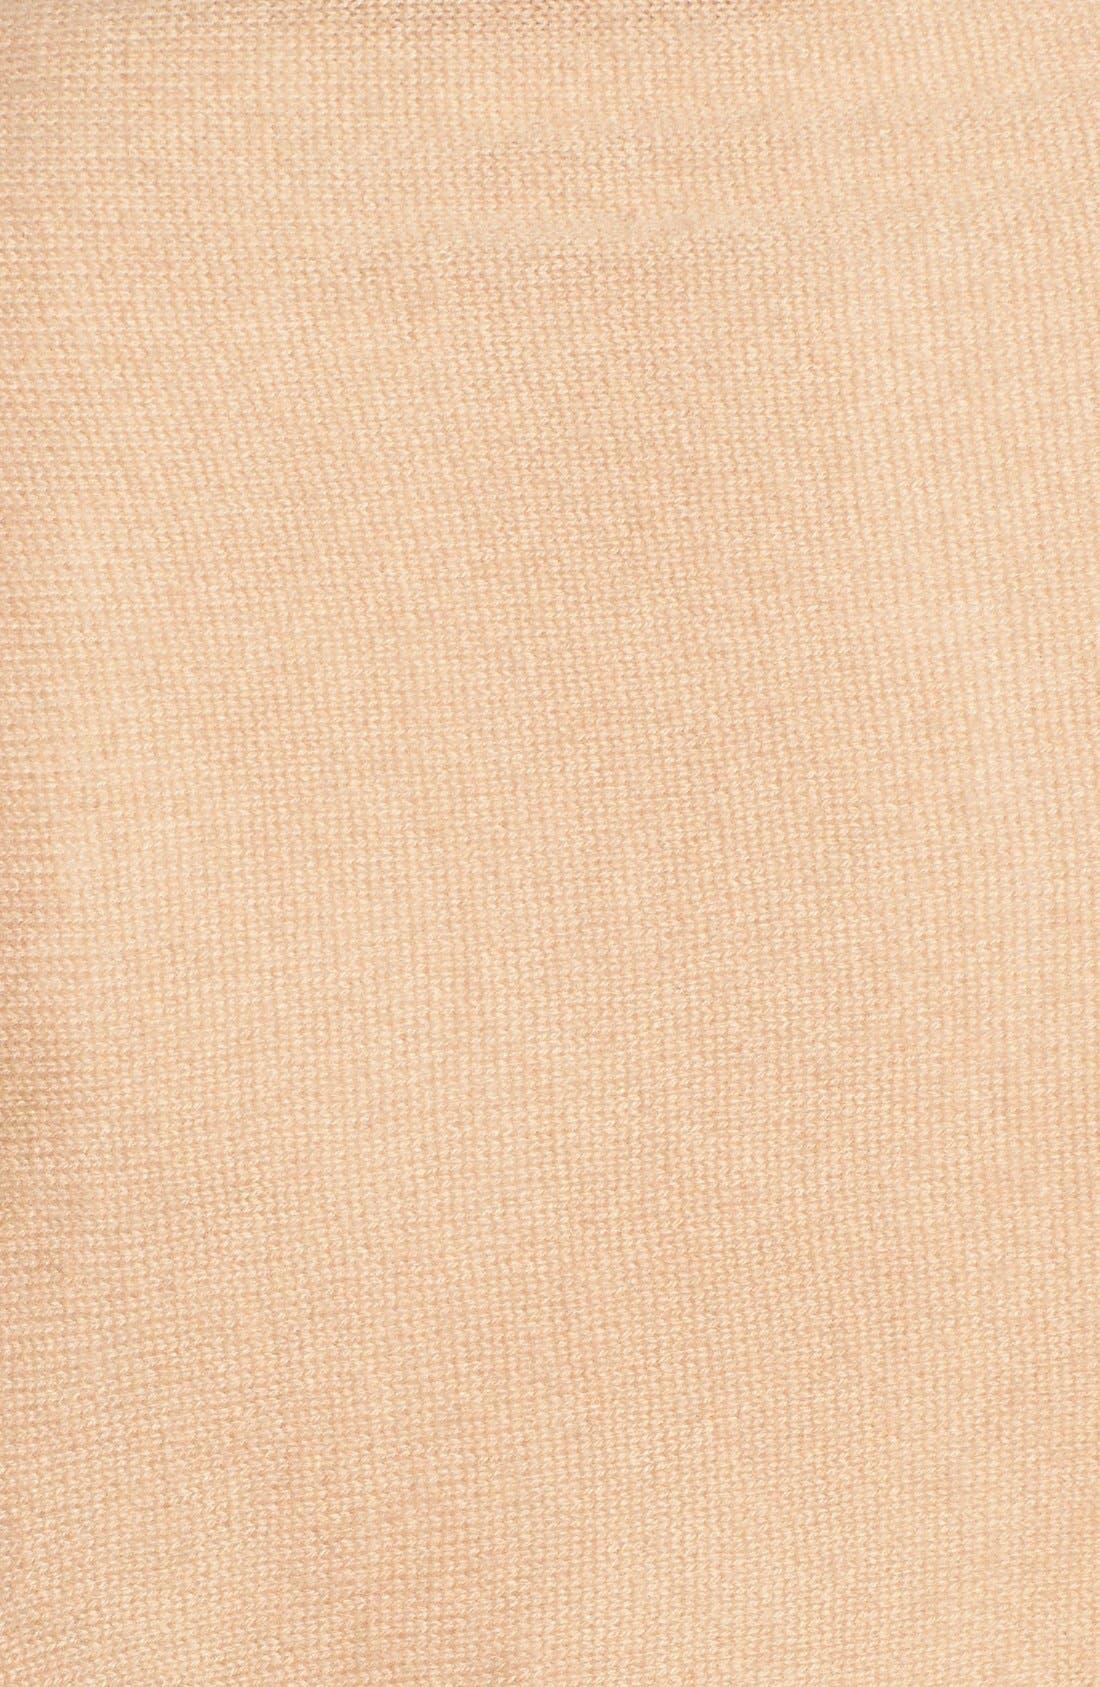 Collection Fringe Cashmere Wrap,                             Alternate thumbnail 19, color,